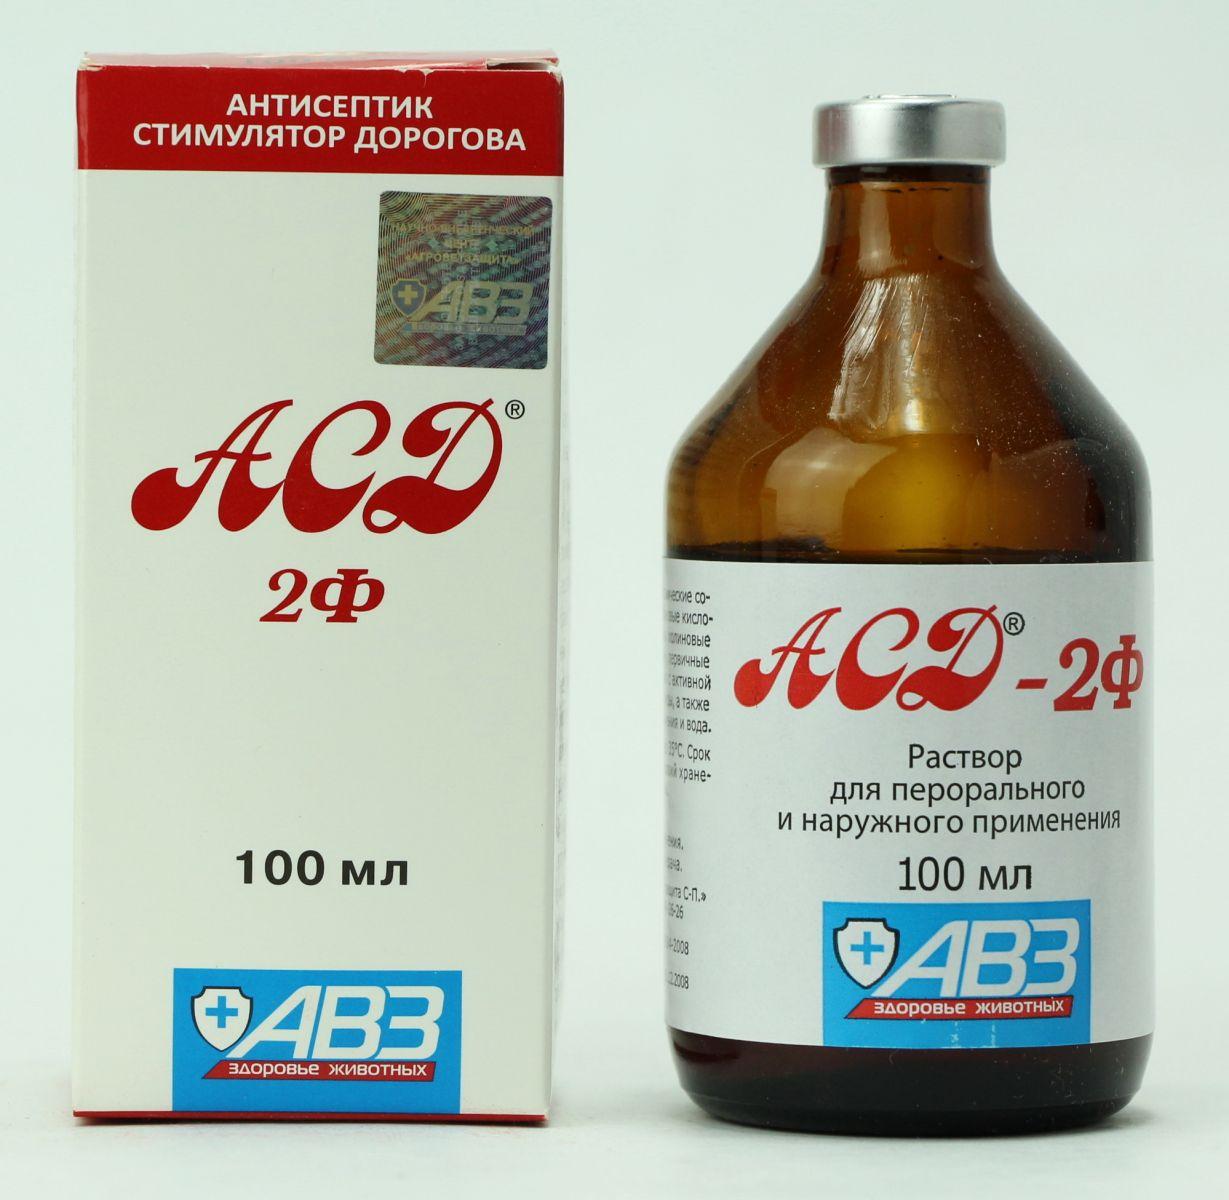 Схемы применения асд-2ф для людей